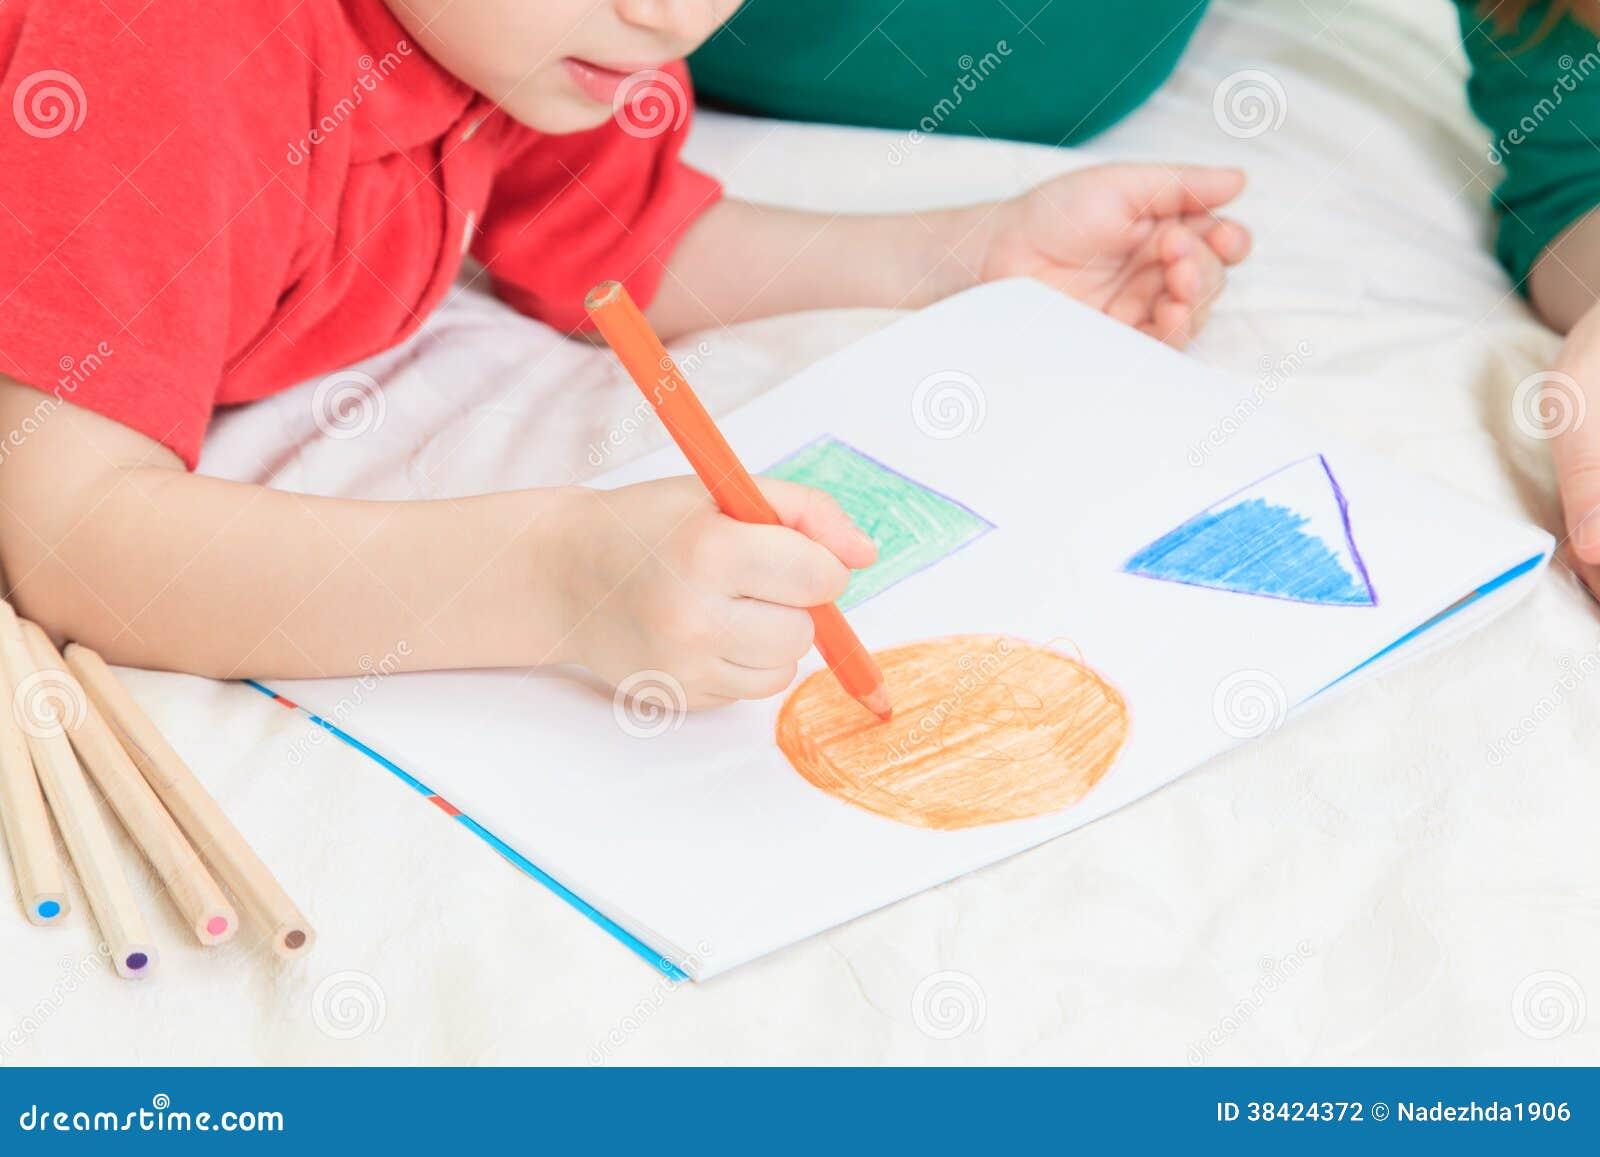 Formas do desenho da criança